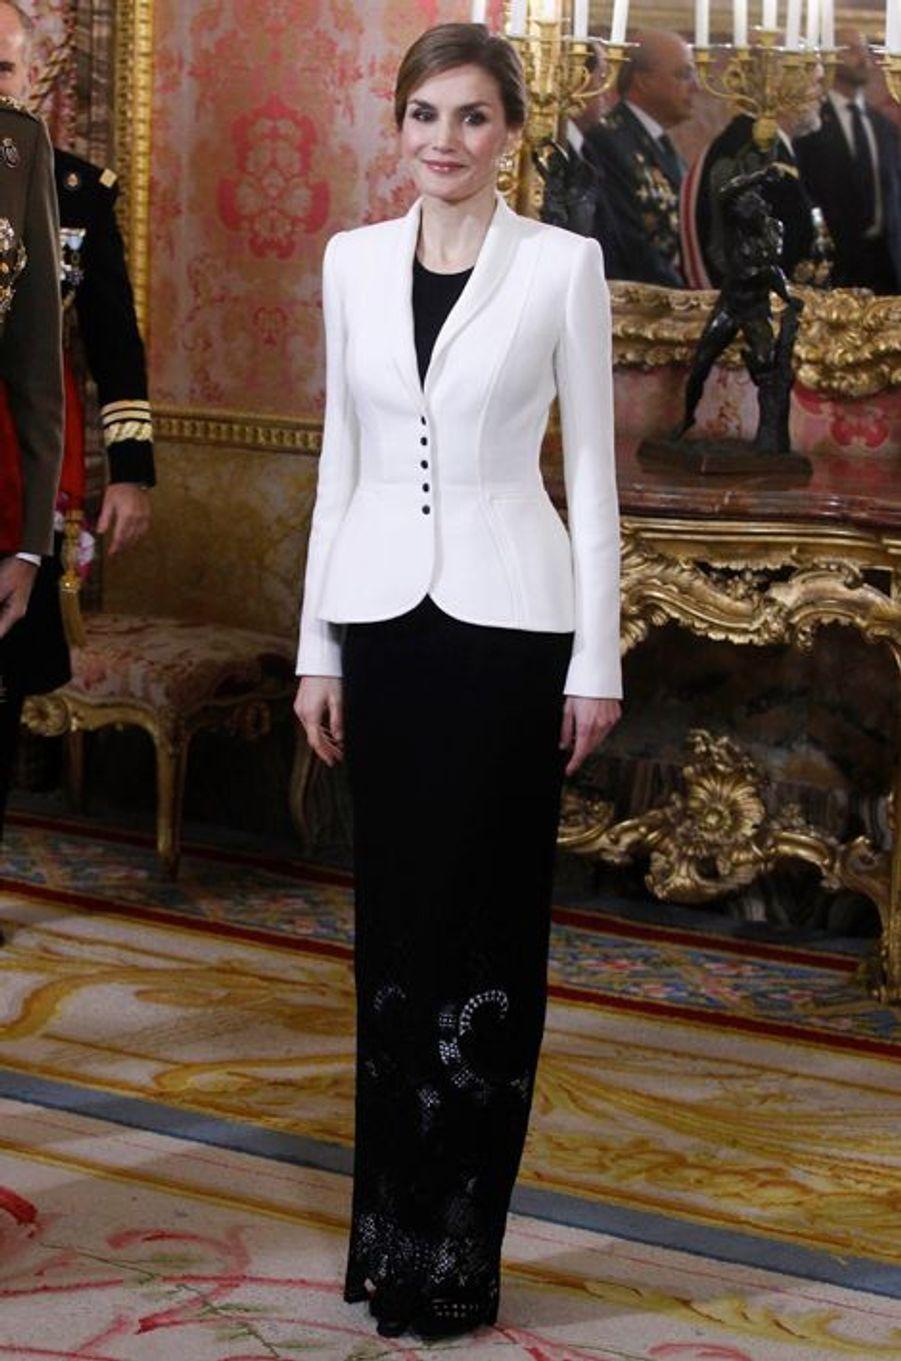 La reine Letizia d'Espagne au Palais royal à Madrid, le 6 janvier 2016